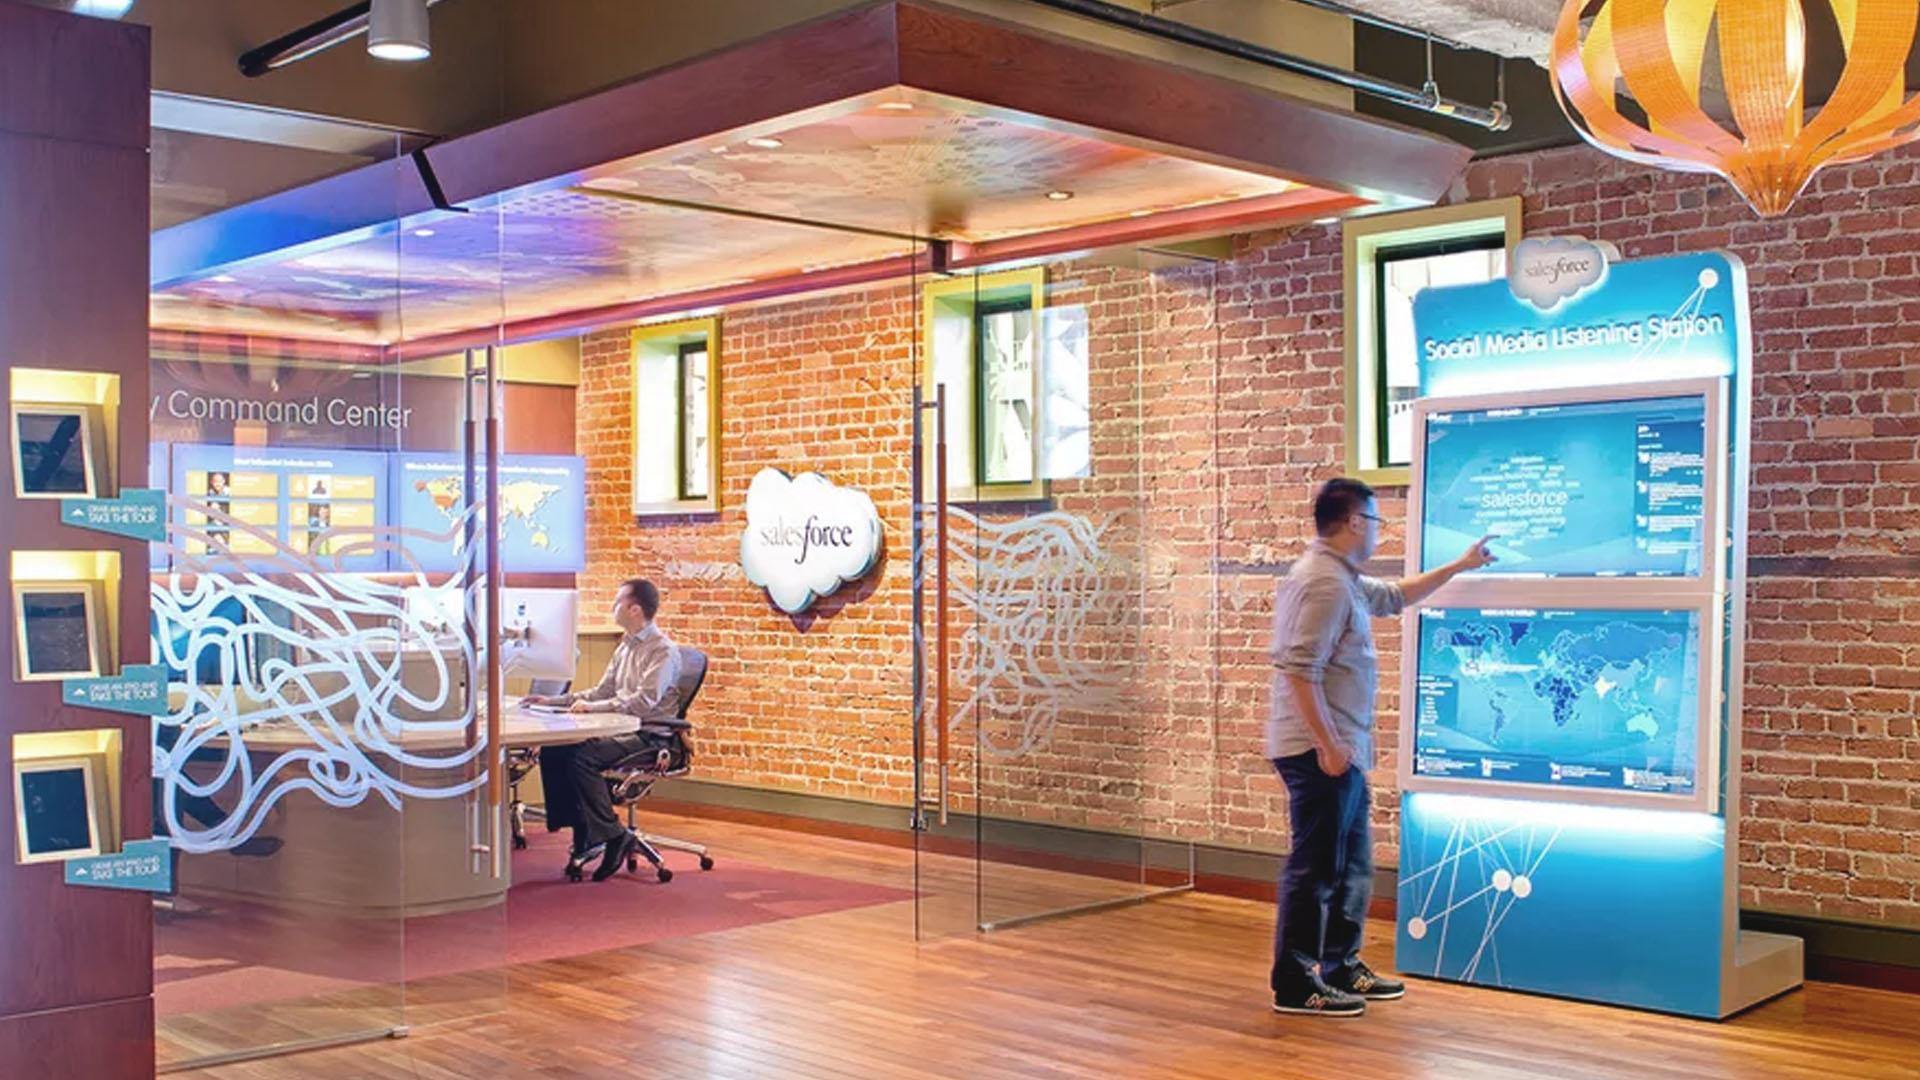 Fantasia da Salesforce: um exemplo a não ser seguido neste Carnaval